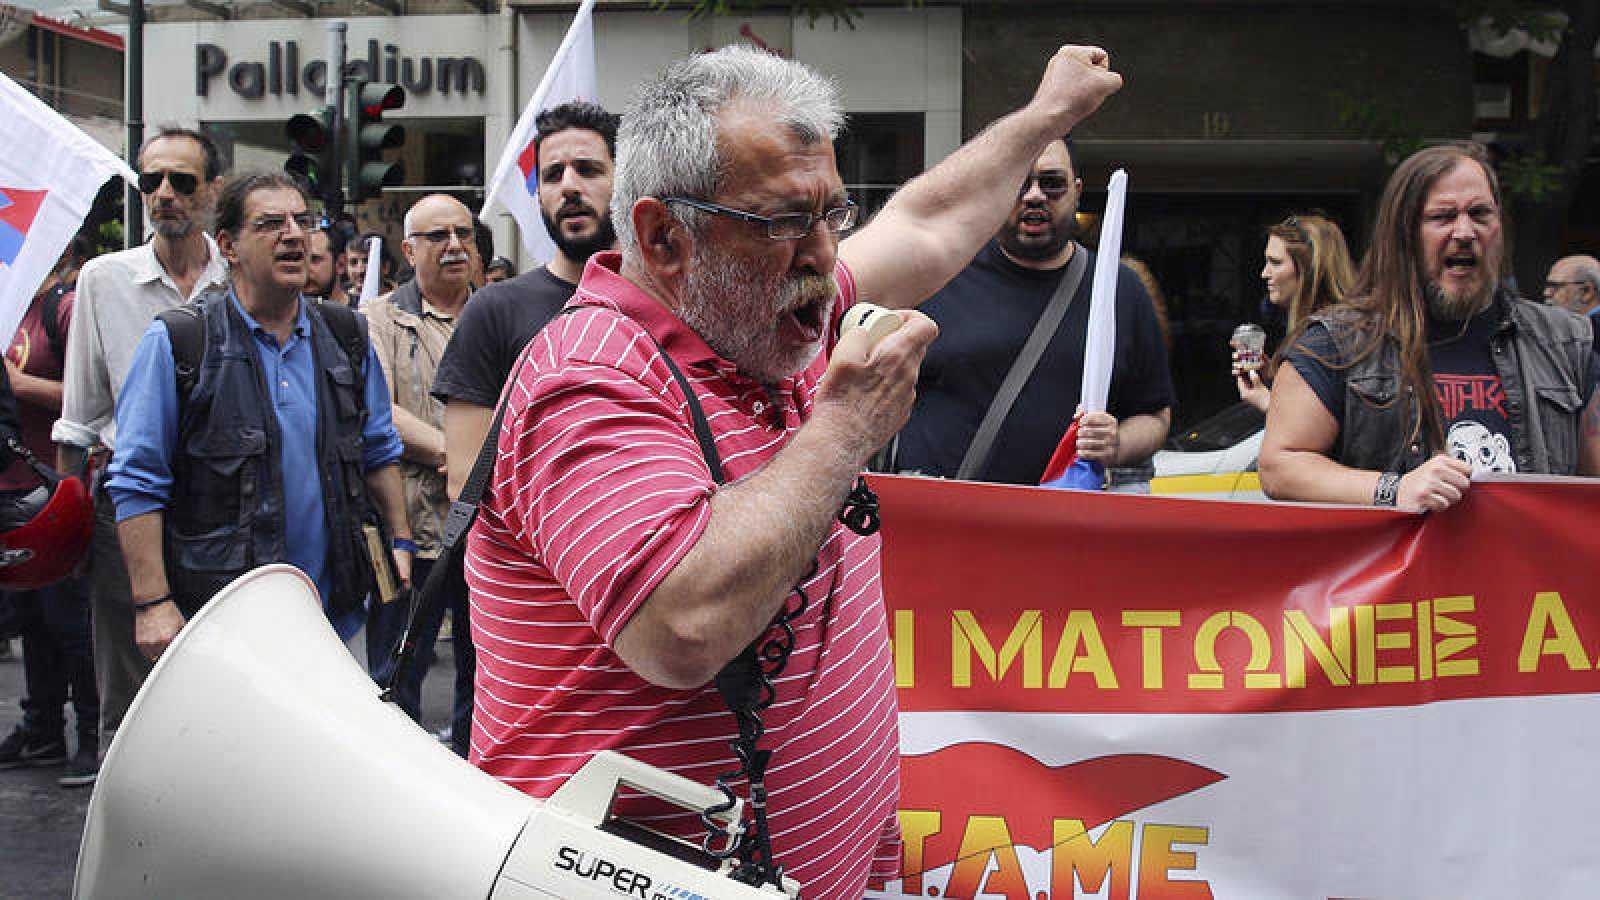 Movilizaciones en la víspera de la huelga general en Grecia